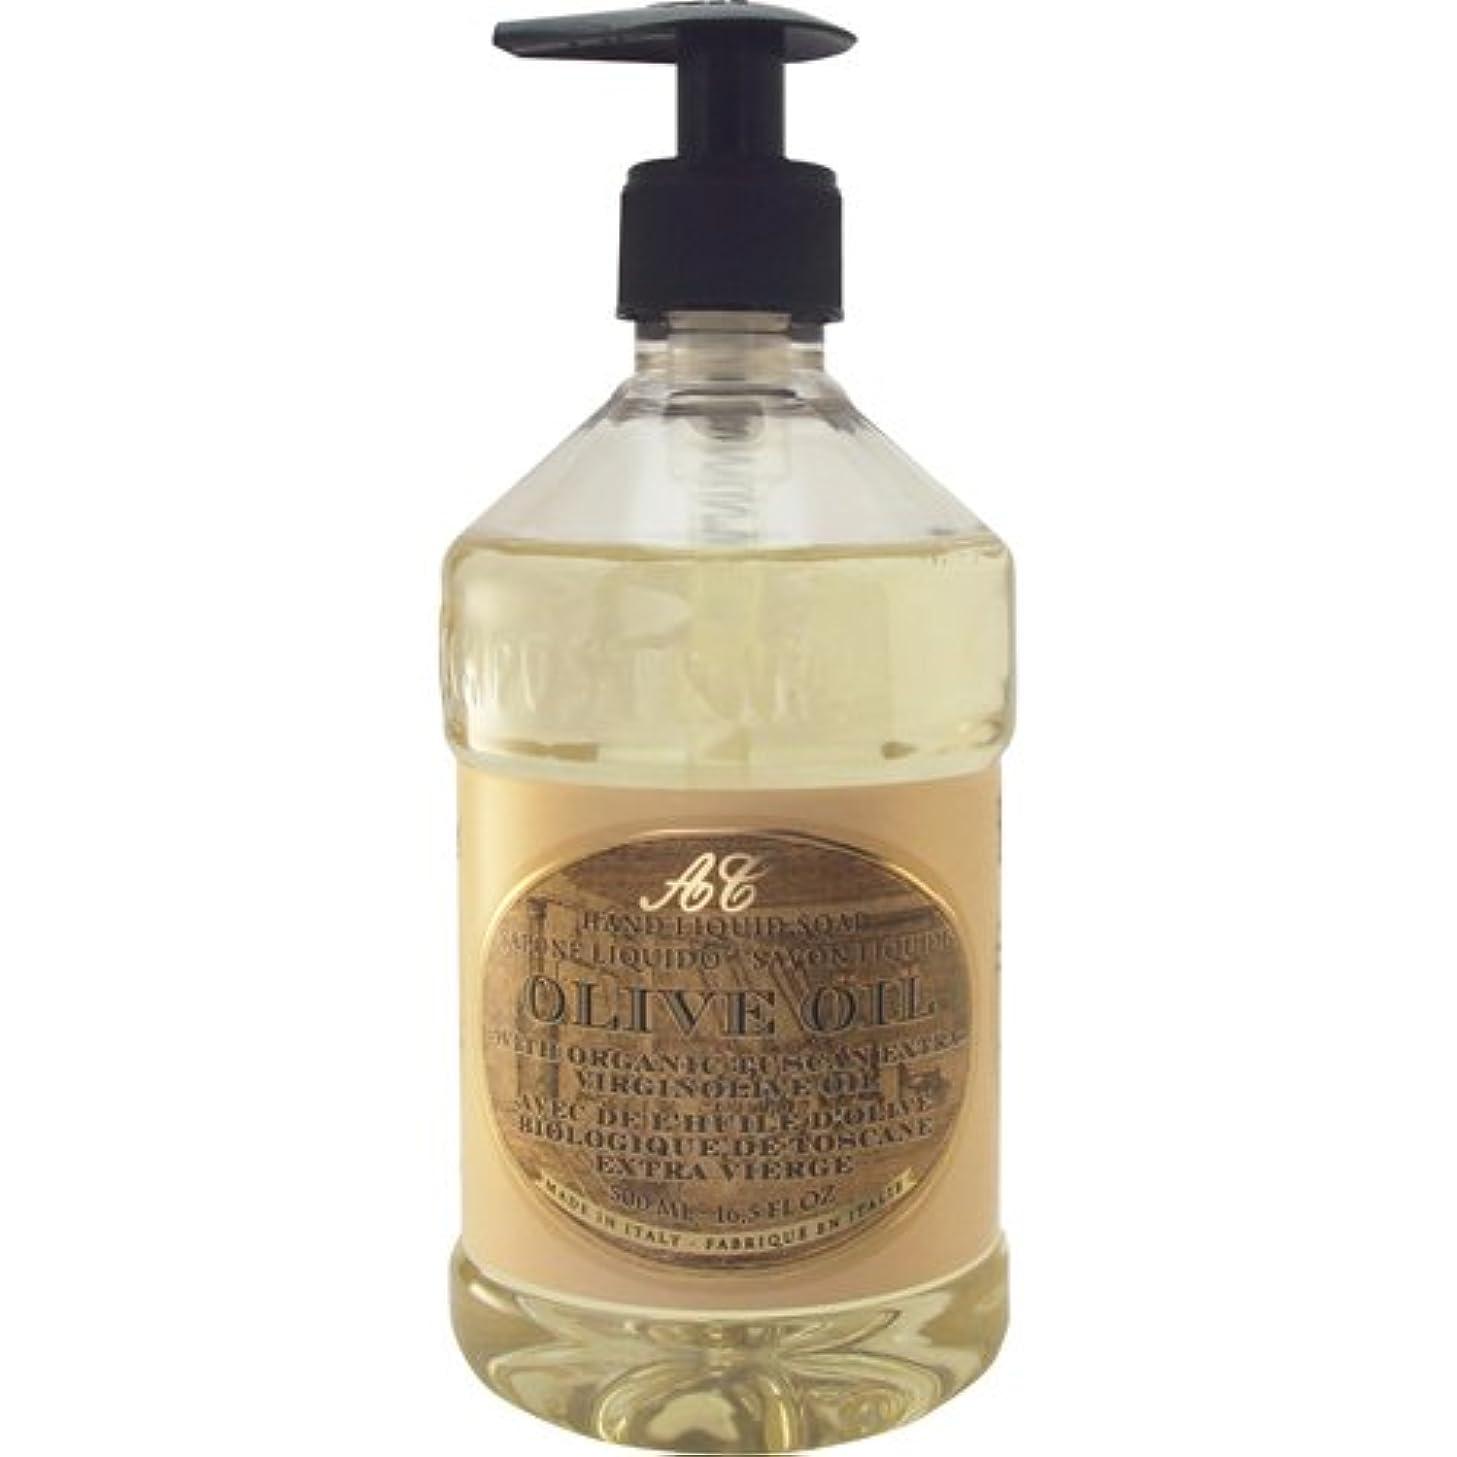 指定裕福な対話Saponerire Fissi レトロシリーズ Liquid Soap リキッドソープ 500ml Olive Oil オリーブオイル